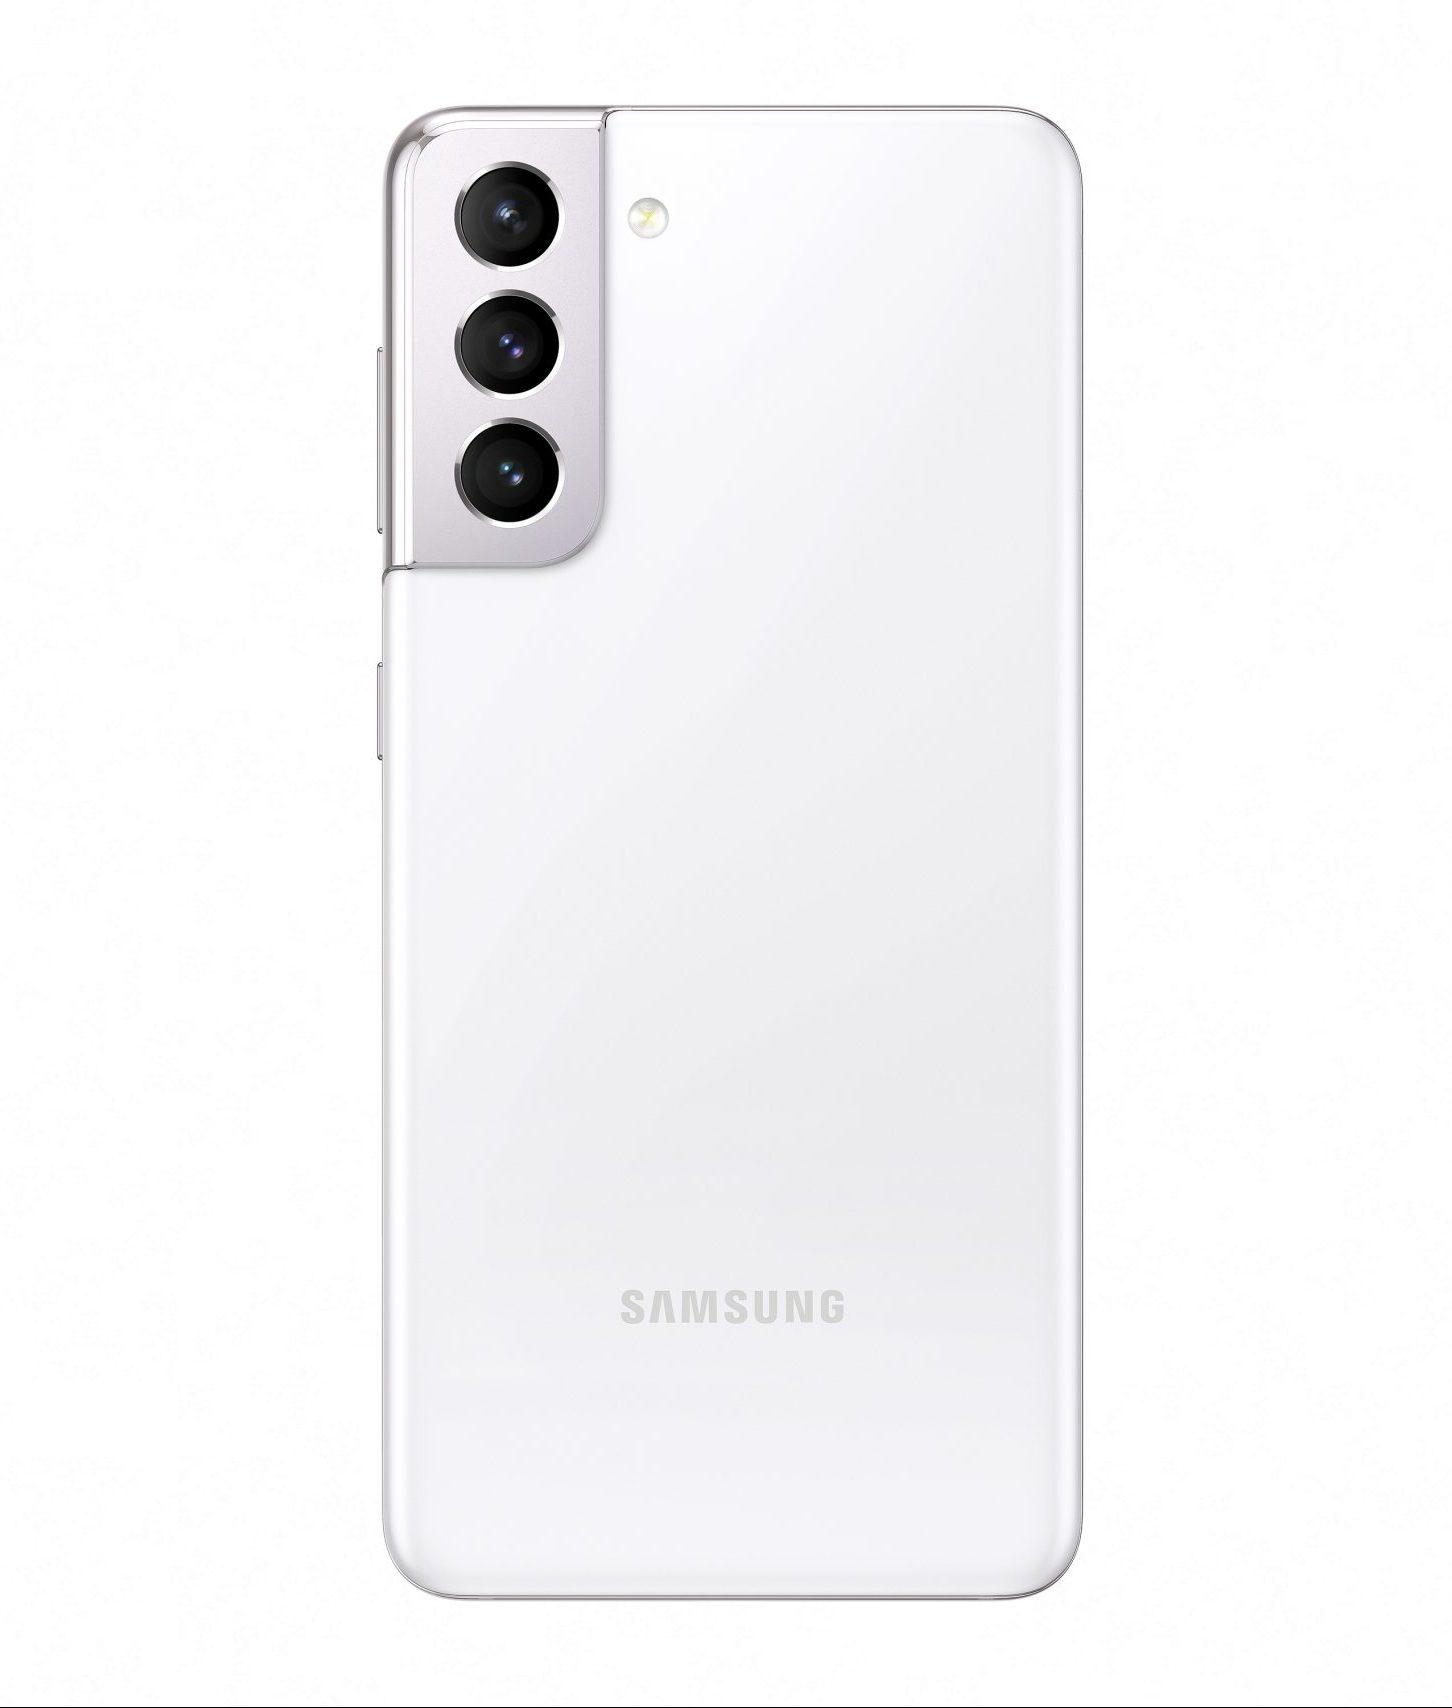 Samsung Galaxy S21 5G - www.vodafone.co (6)